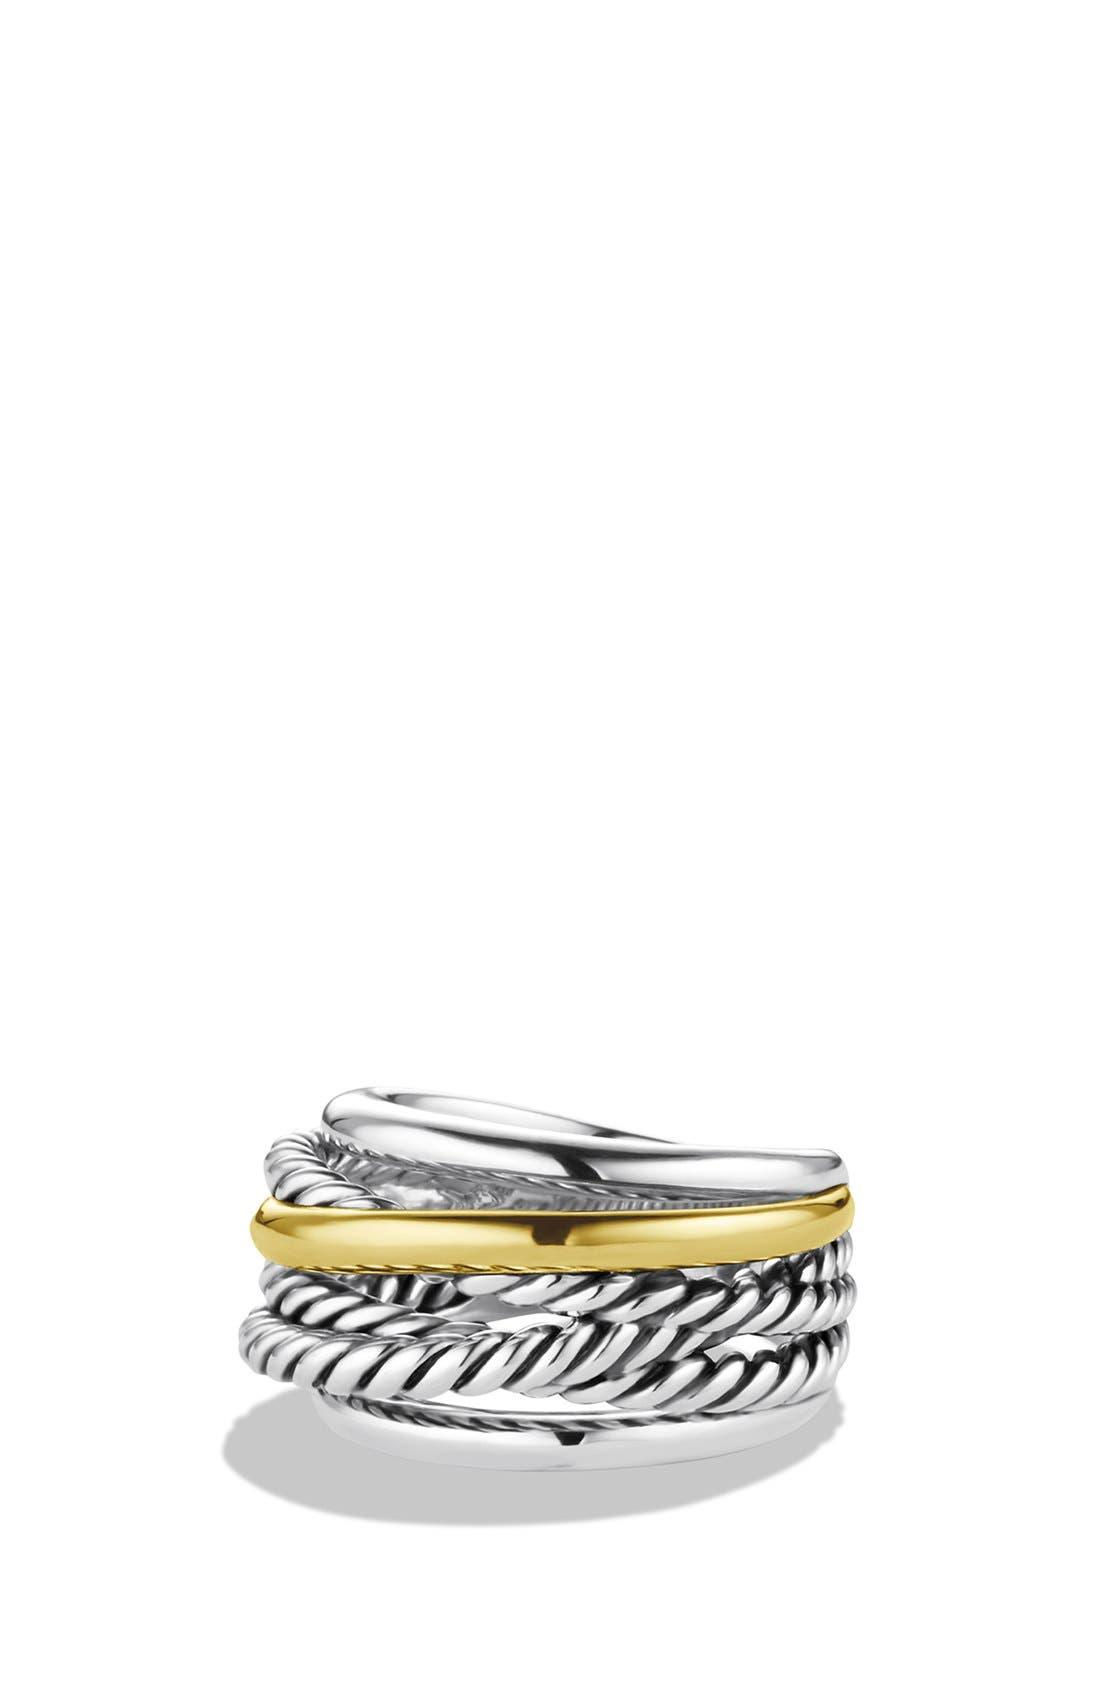 Main Image - David Yurman 'Crossover' Narrow Ring with Gold